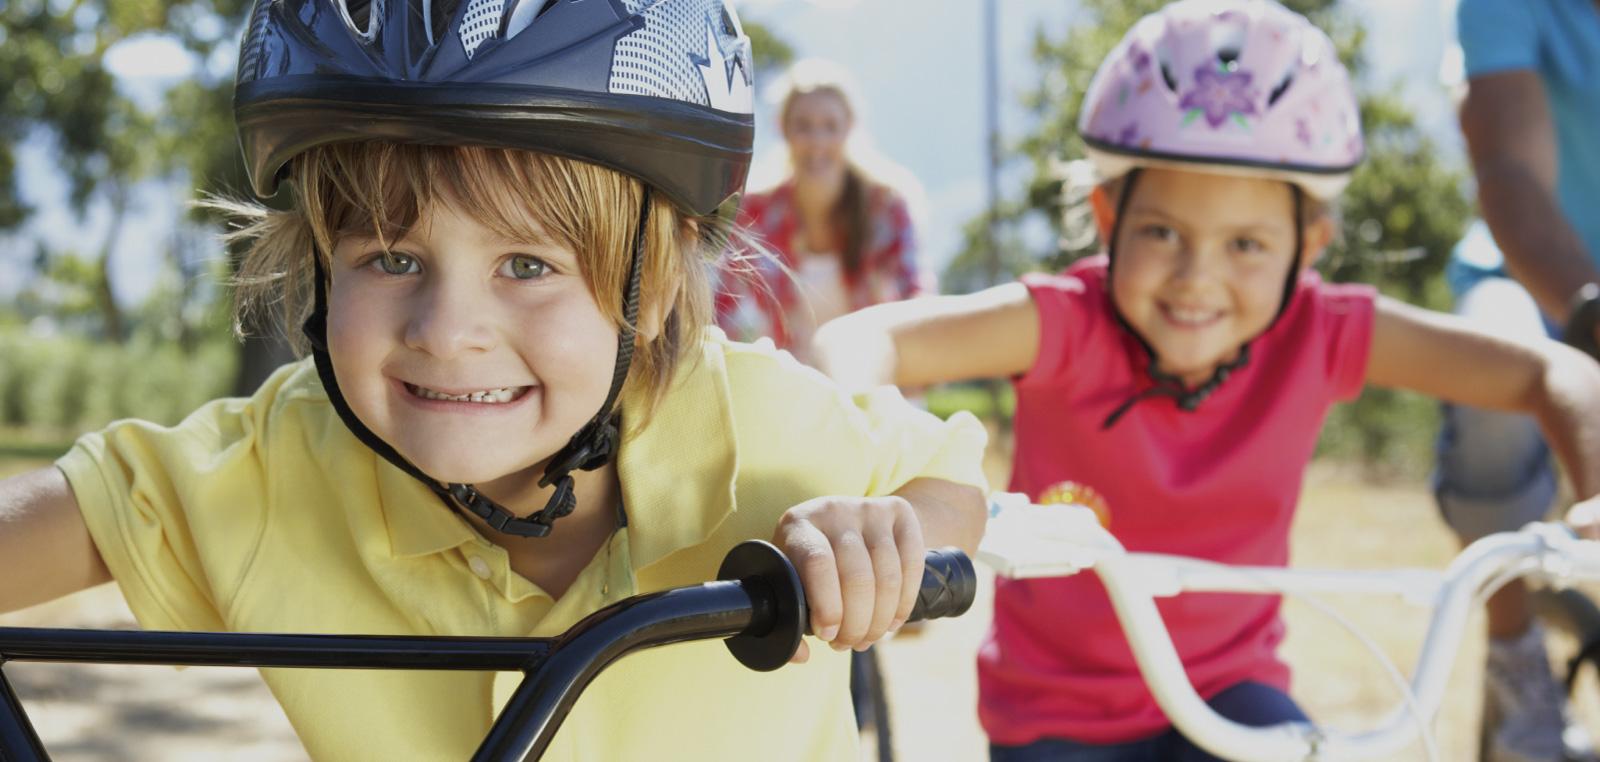 kids riding bikes smiling